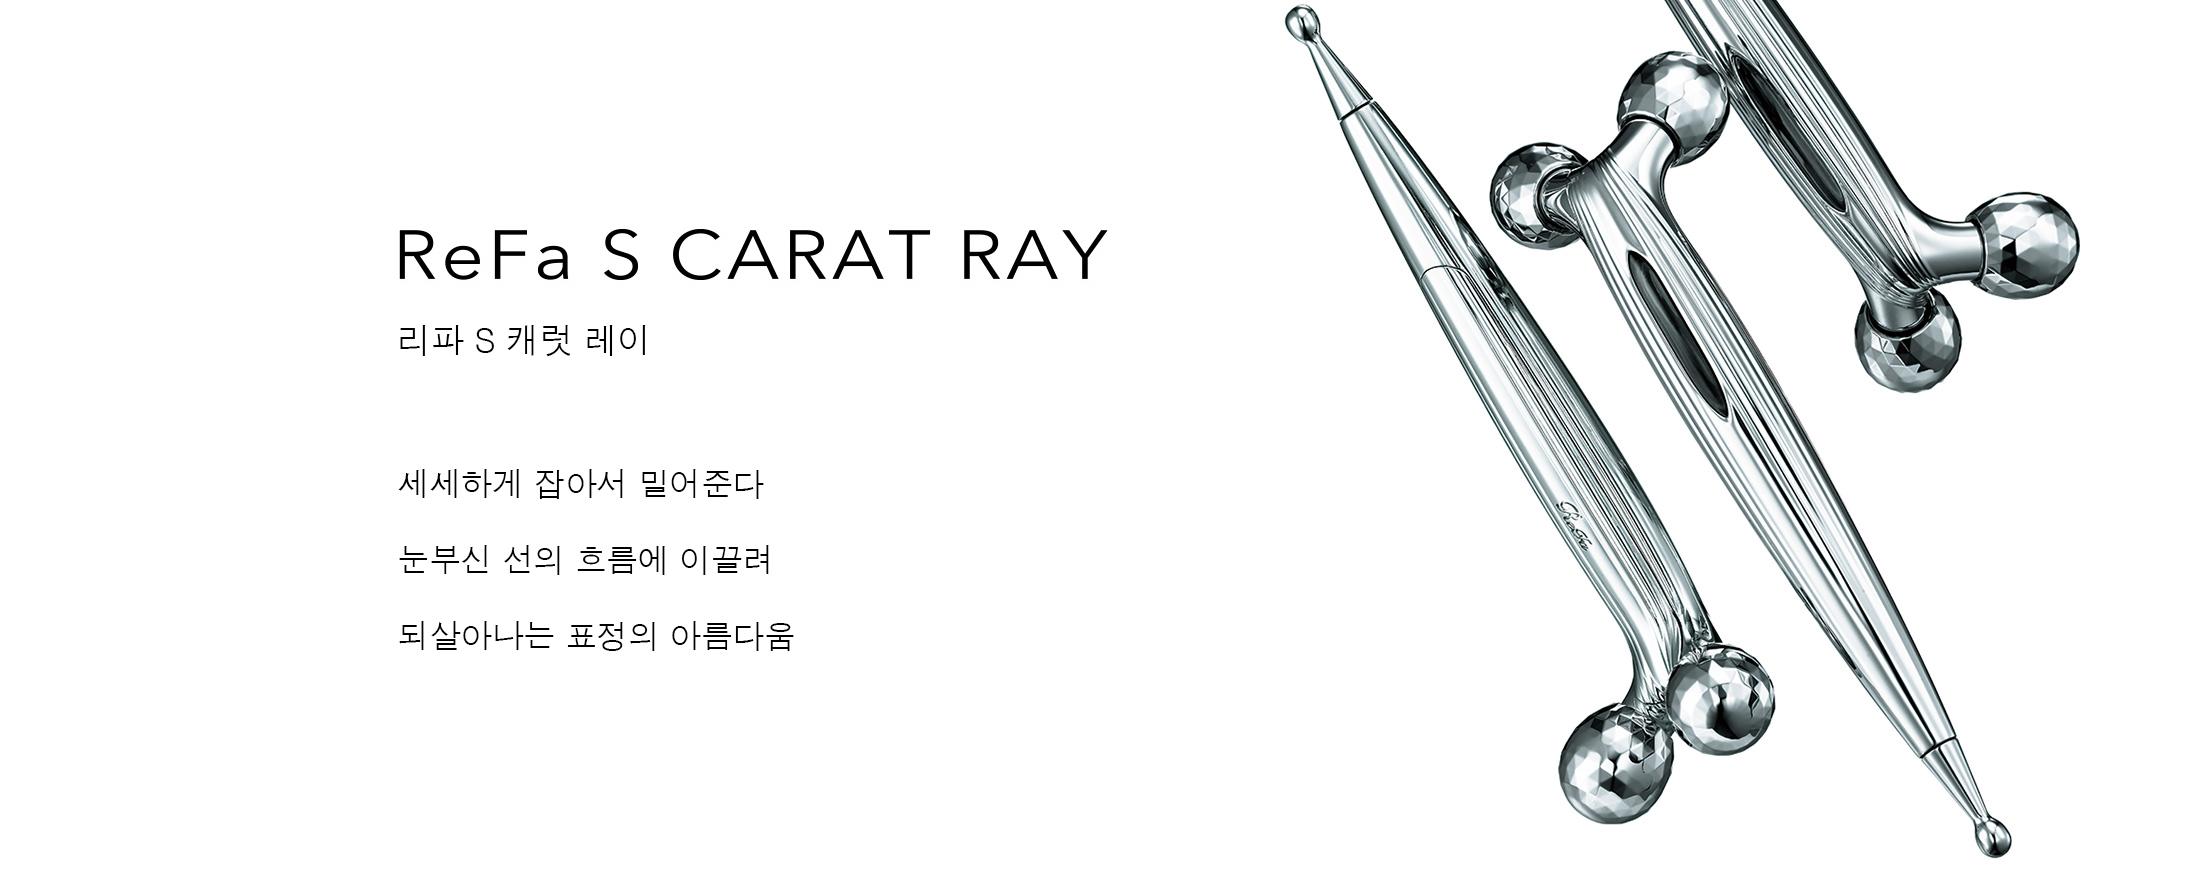 ReFa CARAT RAY FACE (리파 캐럿 레이 페이스)